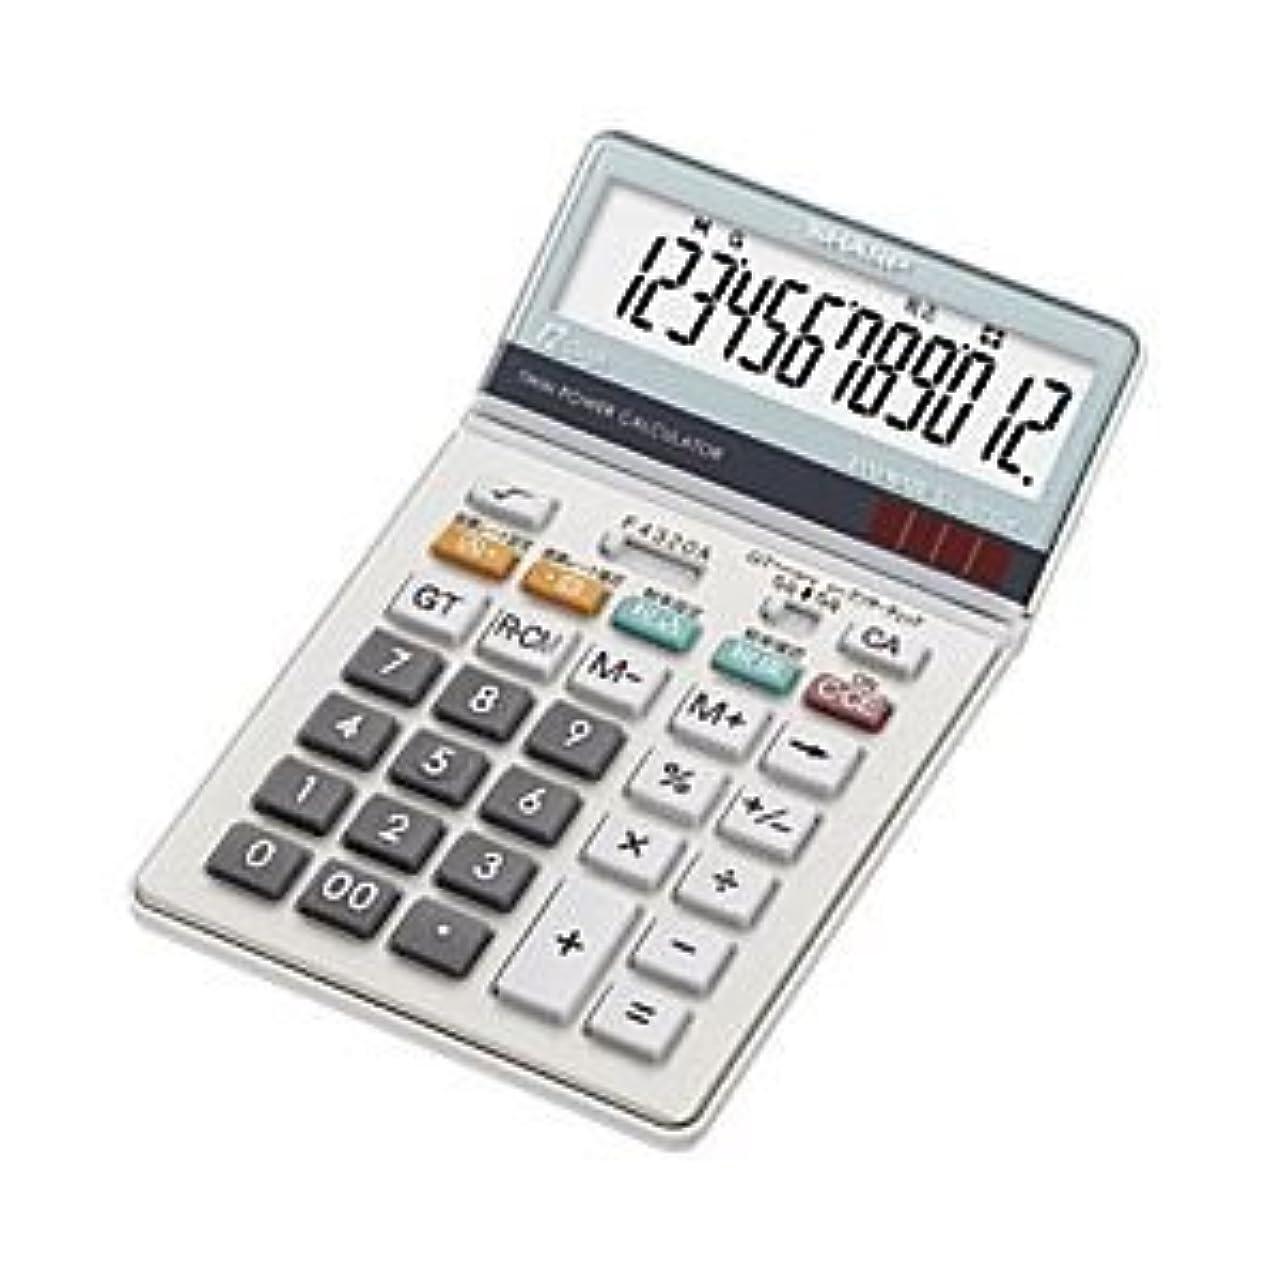 賞医師お互い(業務用セット) シャープ 中型電卓 12桁 縦18.5×横11.2×厚さ2.6cm EL-N732-X 1個 【×2セット】 ds-1644682